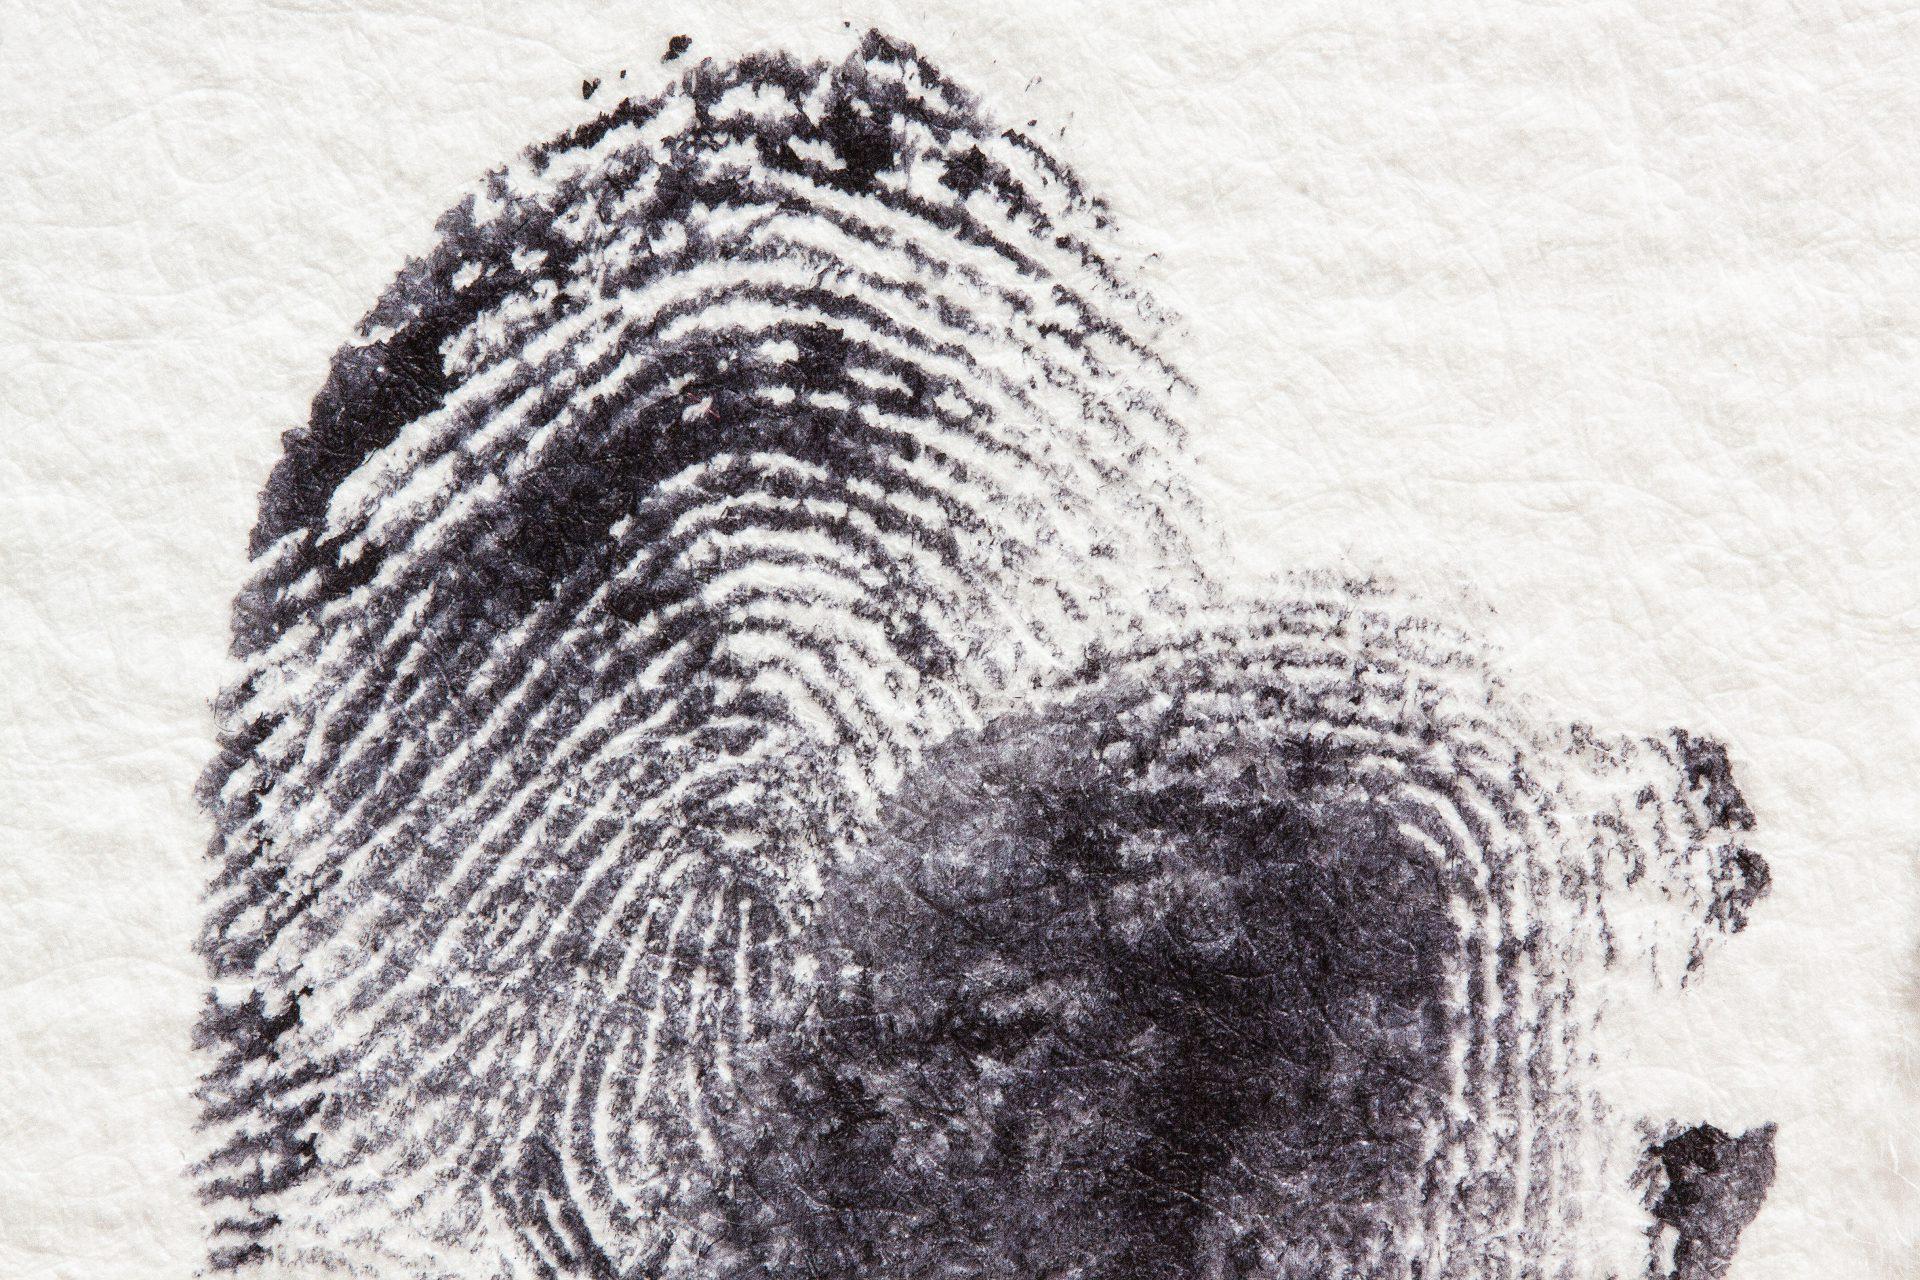 fur-finger-black-security-ink-criminal-1110073-pxhere.com